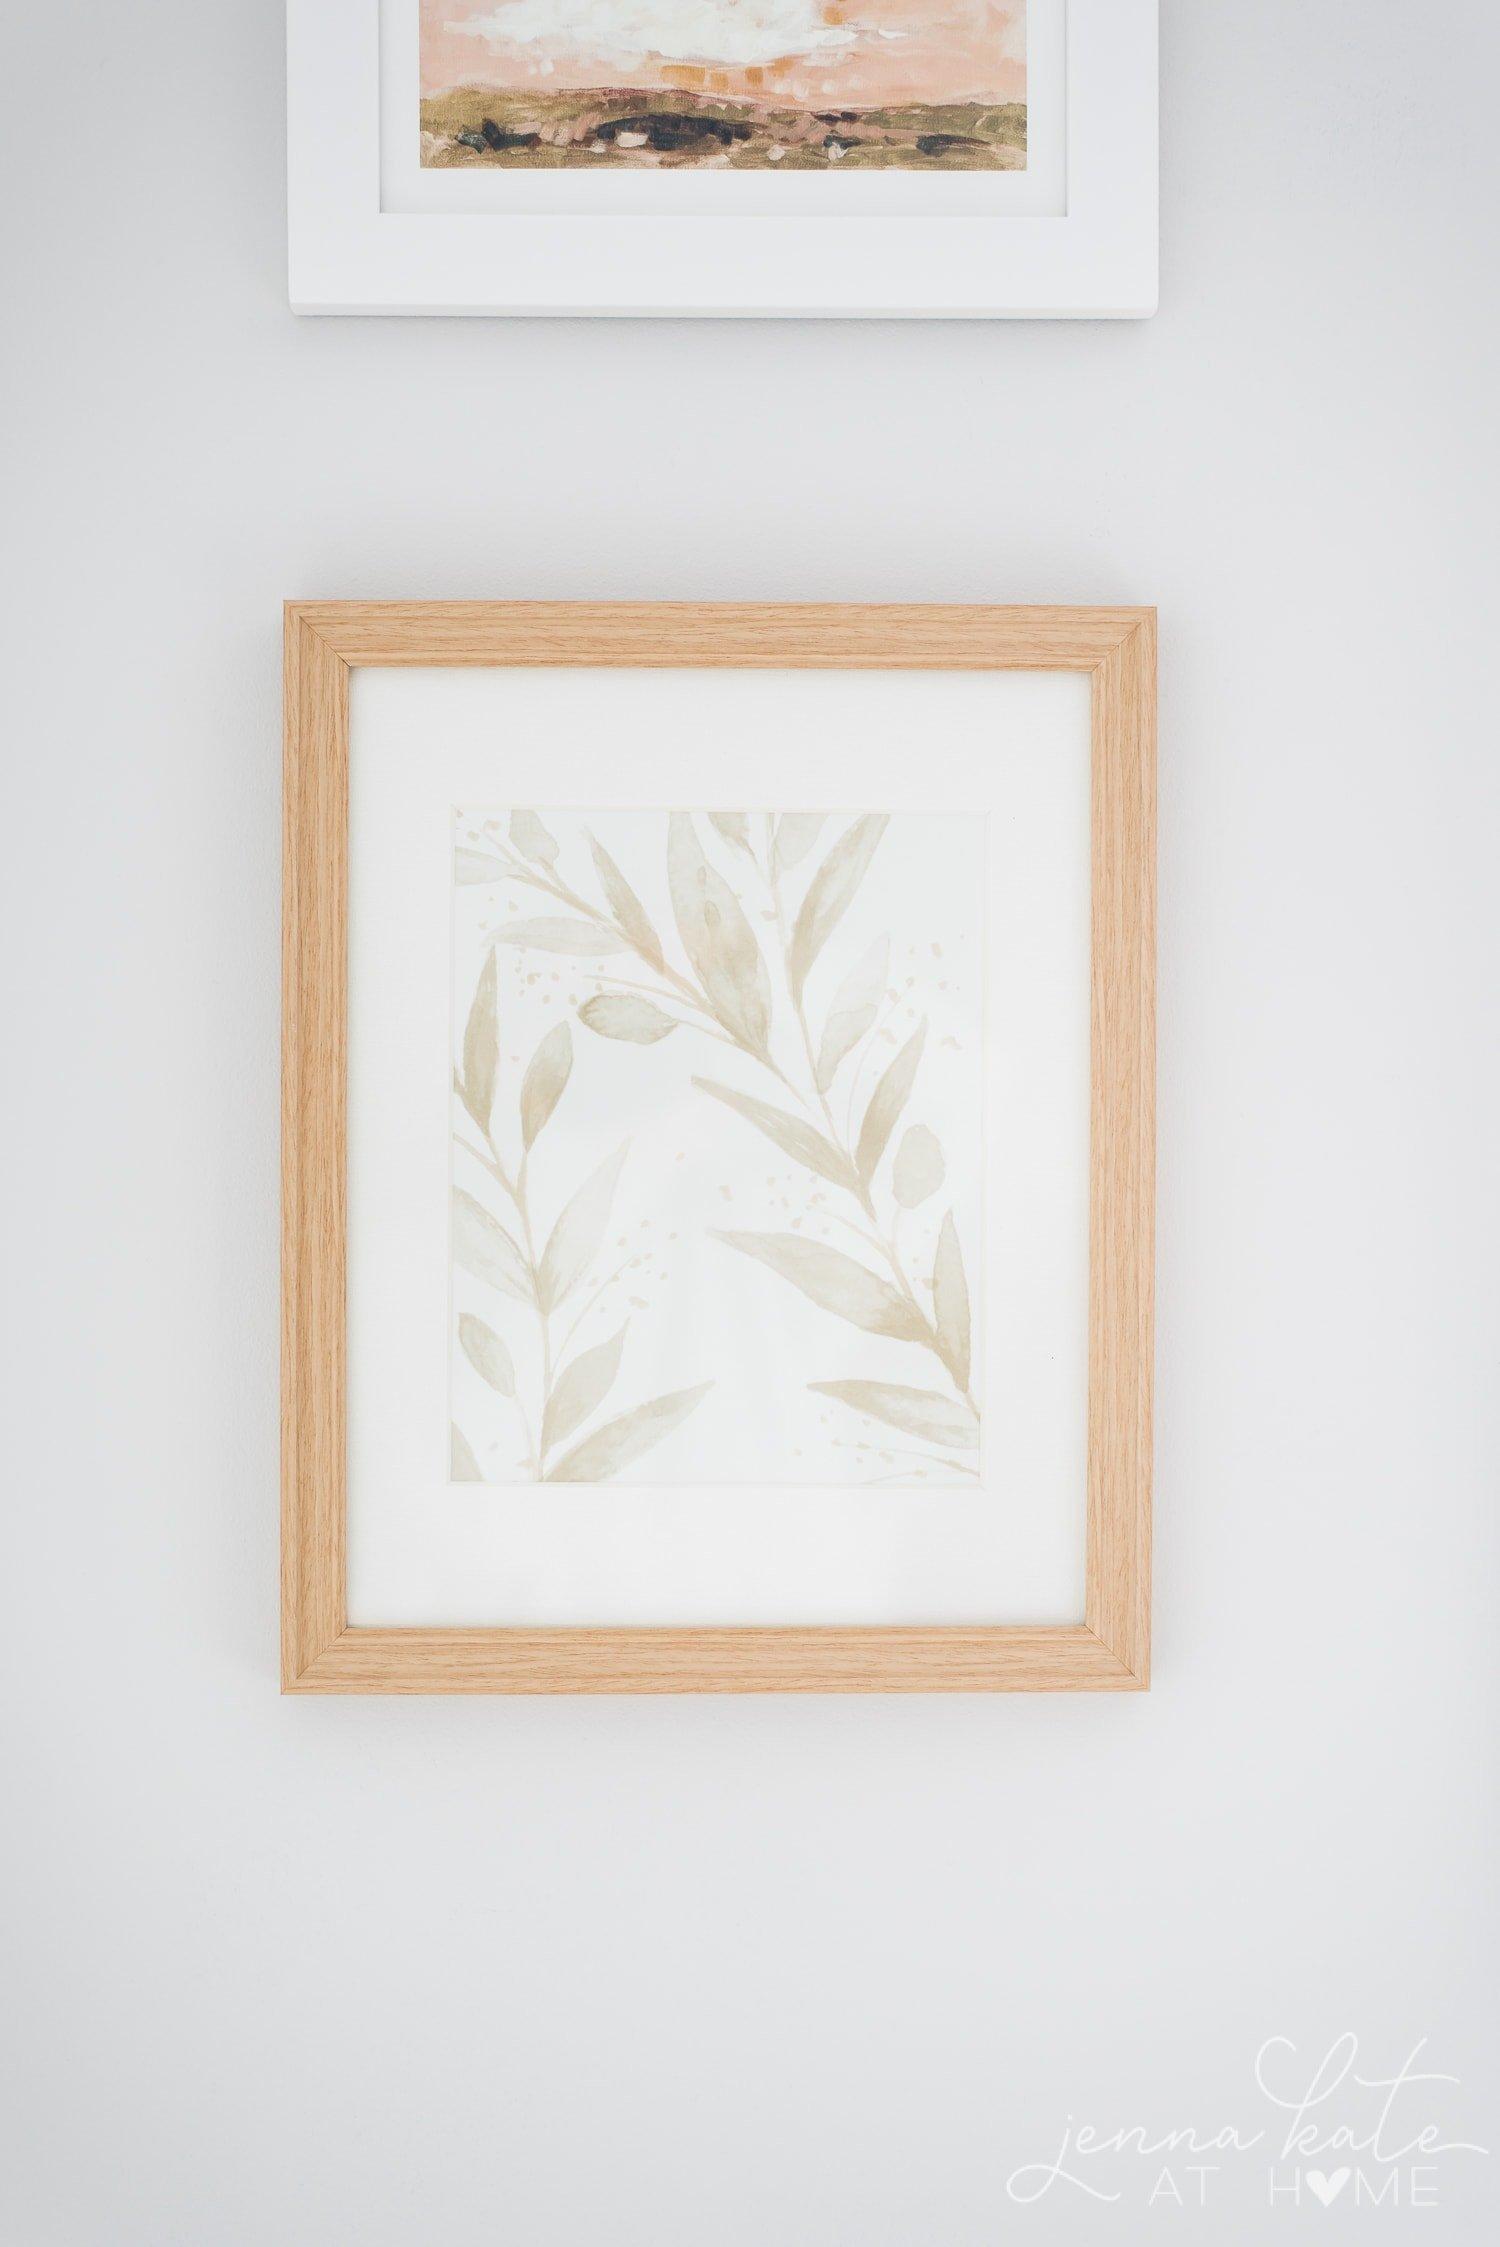 Scrap of floral wallpaper framed in a natural wood frame